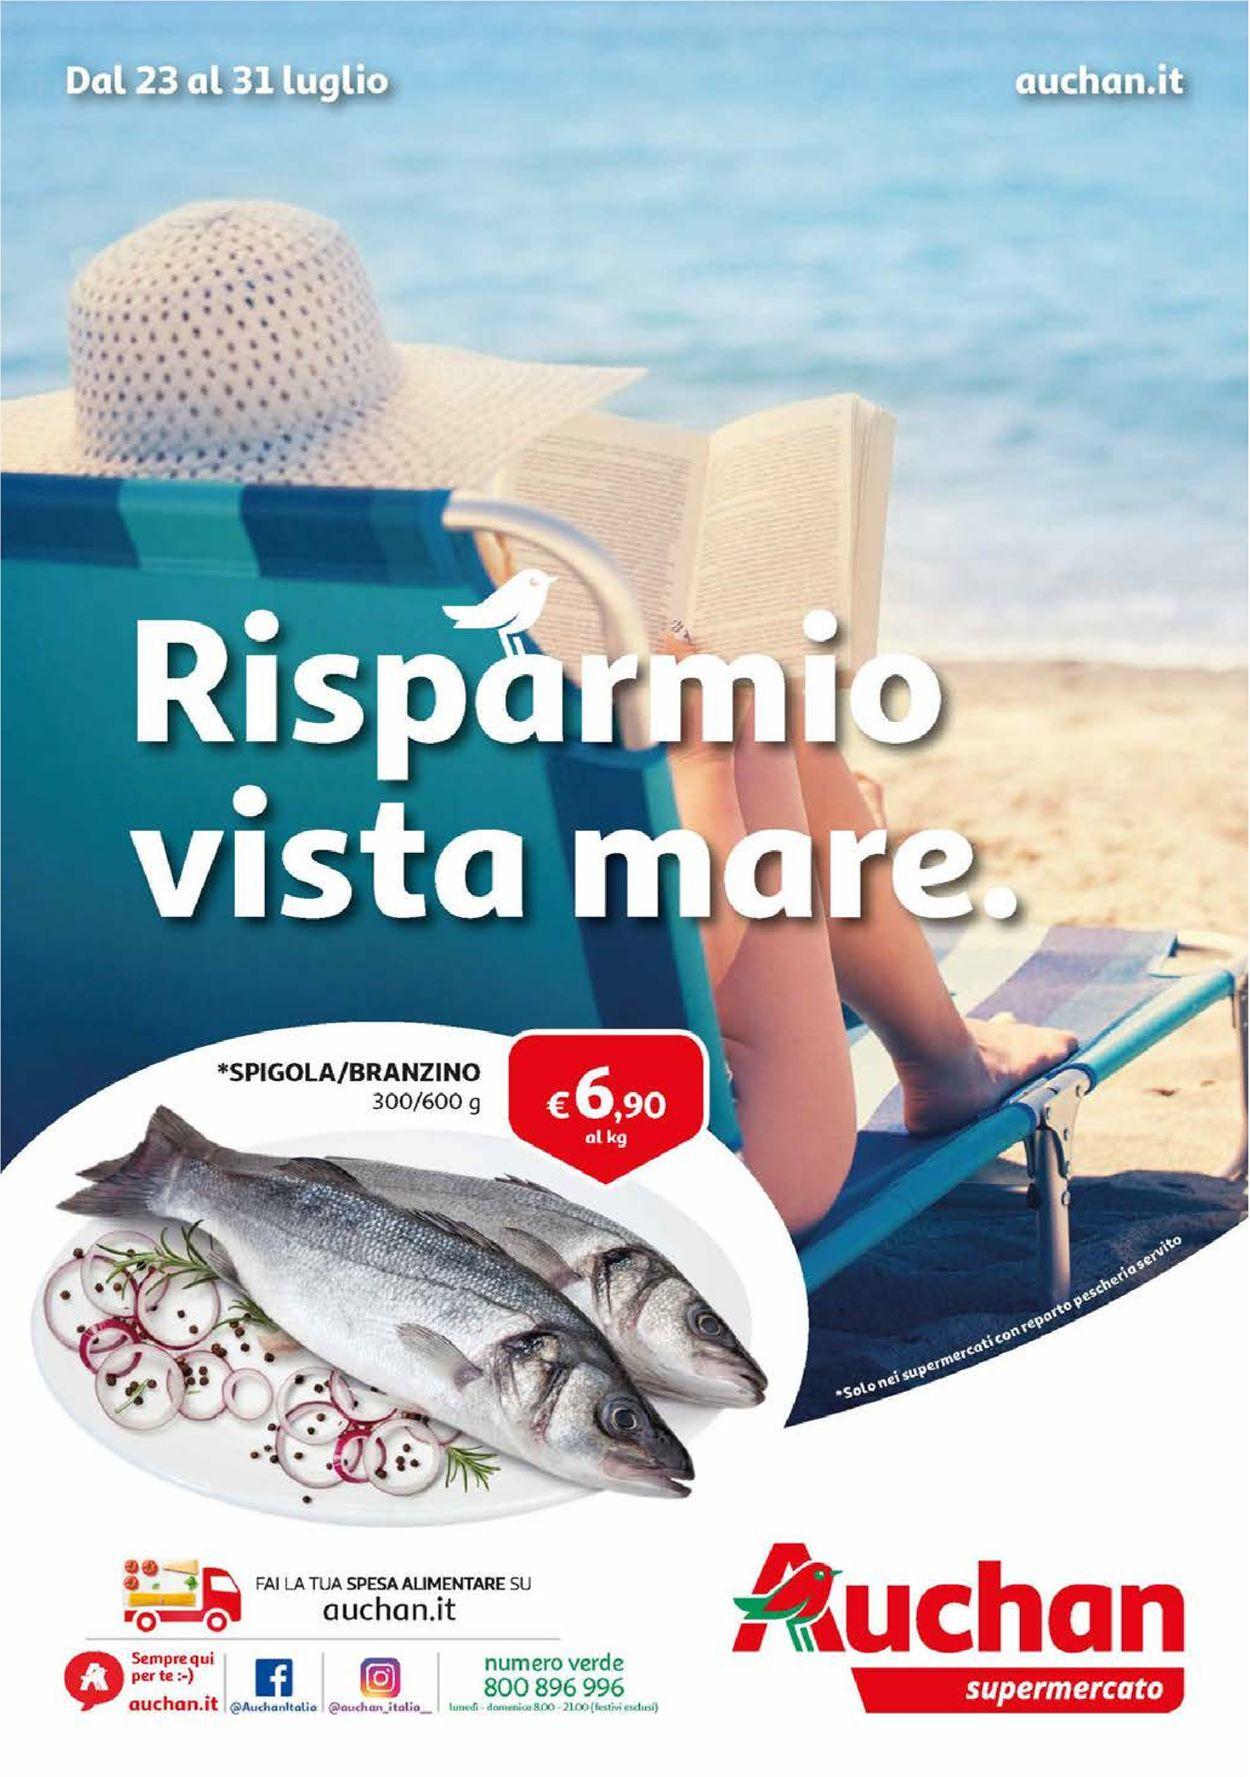 Volantino Auchan - Offerte 23/07-31/07/2019